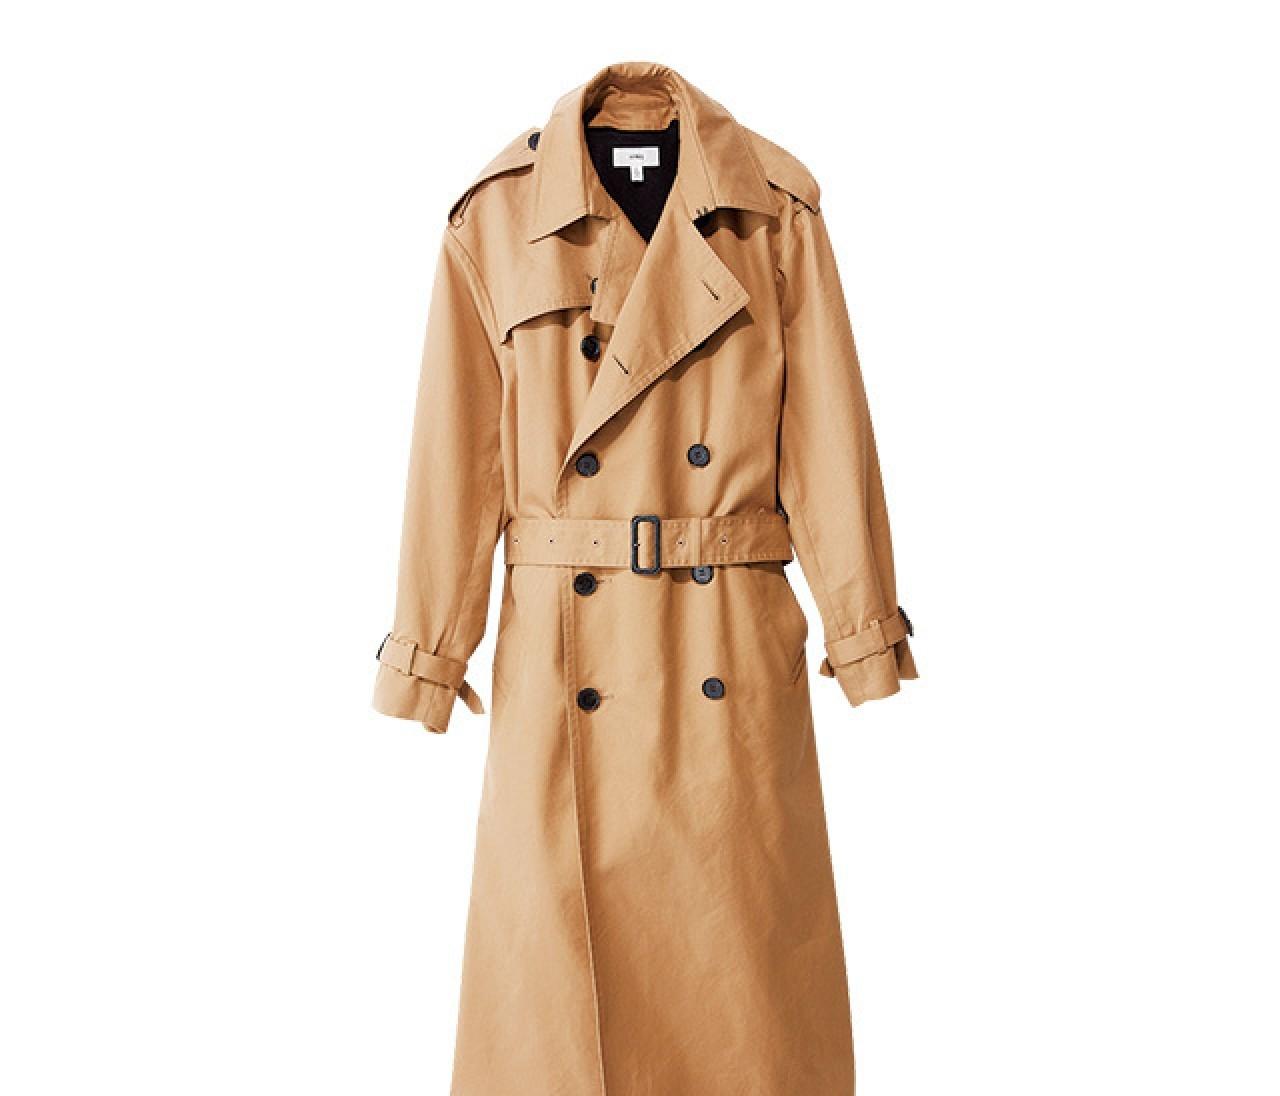 2月10日から3月11日までの〝手持ちベーシック+「コスパ服」で誰より新鮮なコーデ〟アイテム紹介!